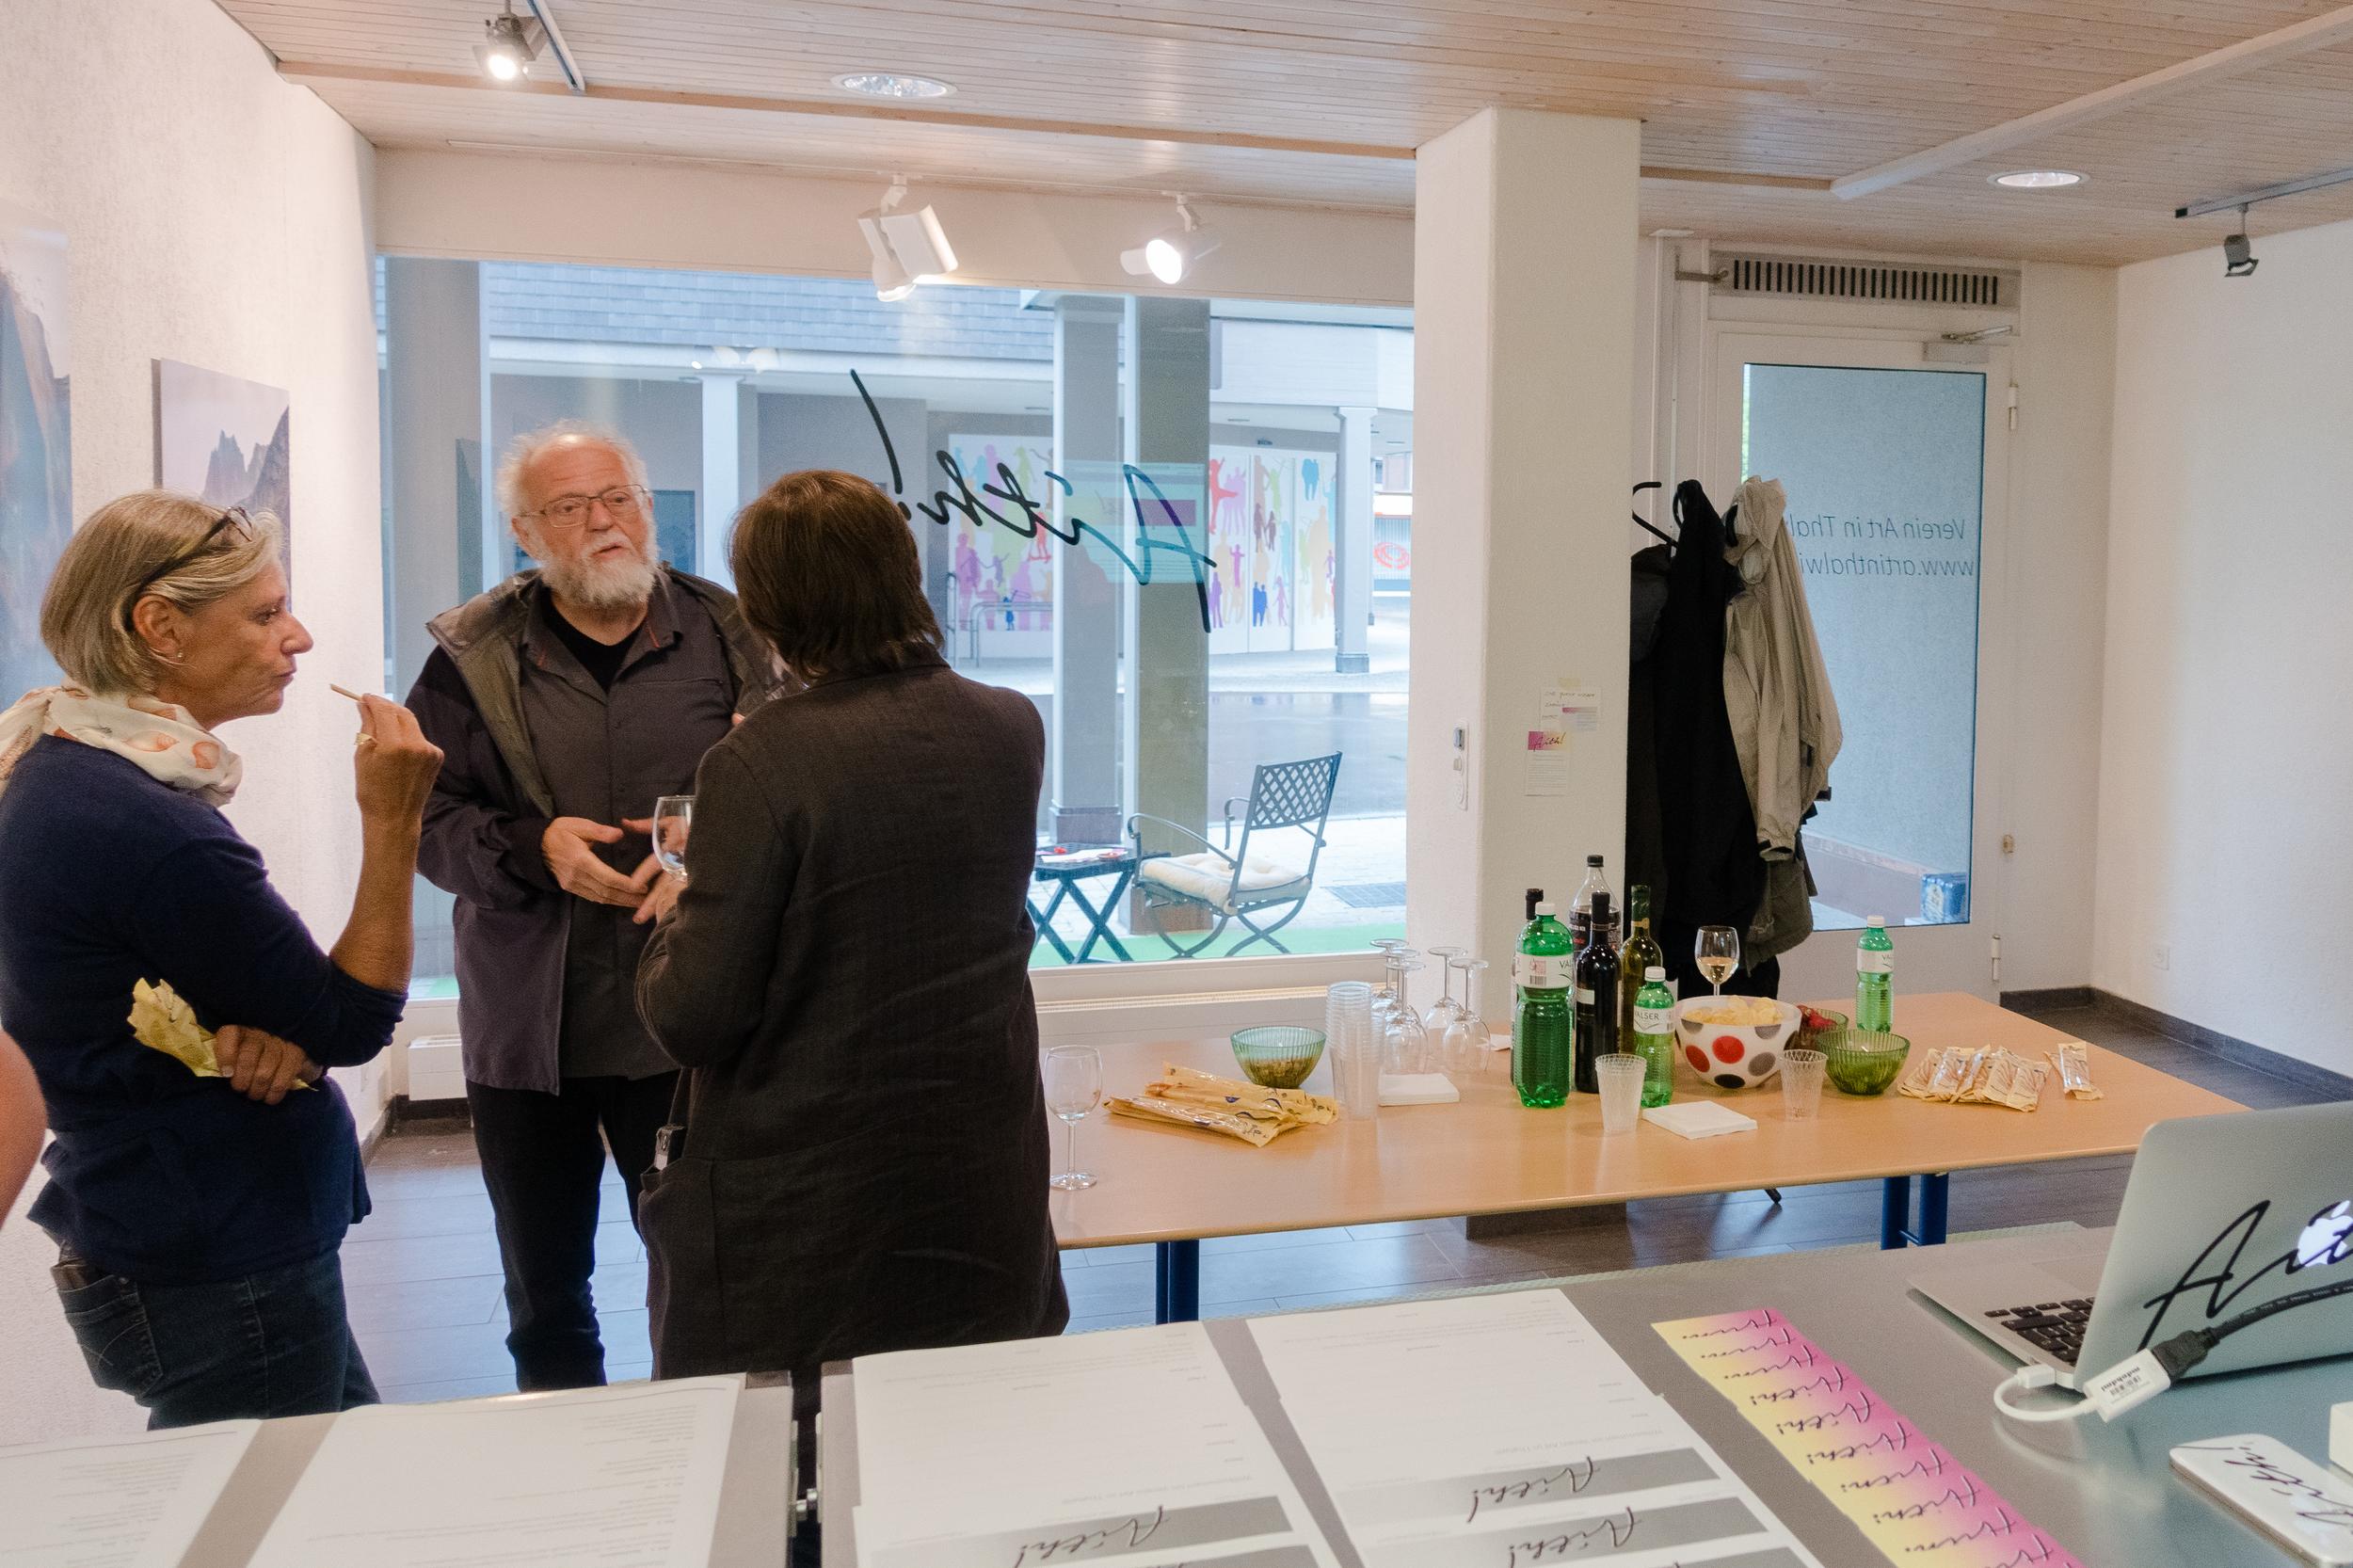 Verein Art in Thalwil Gattikon Eröffnung